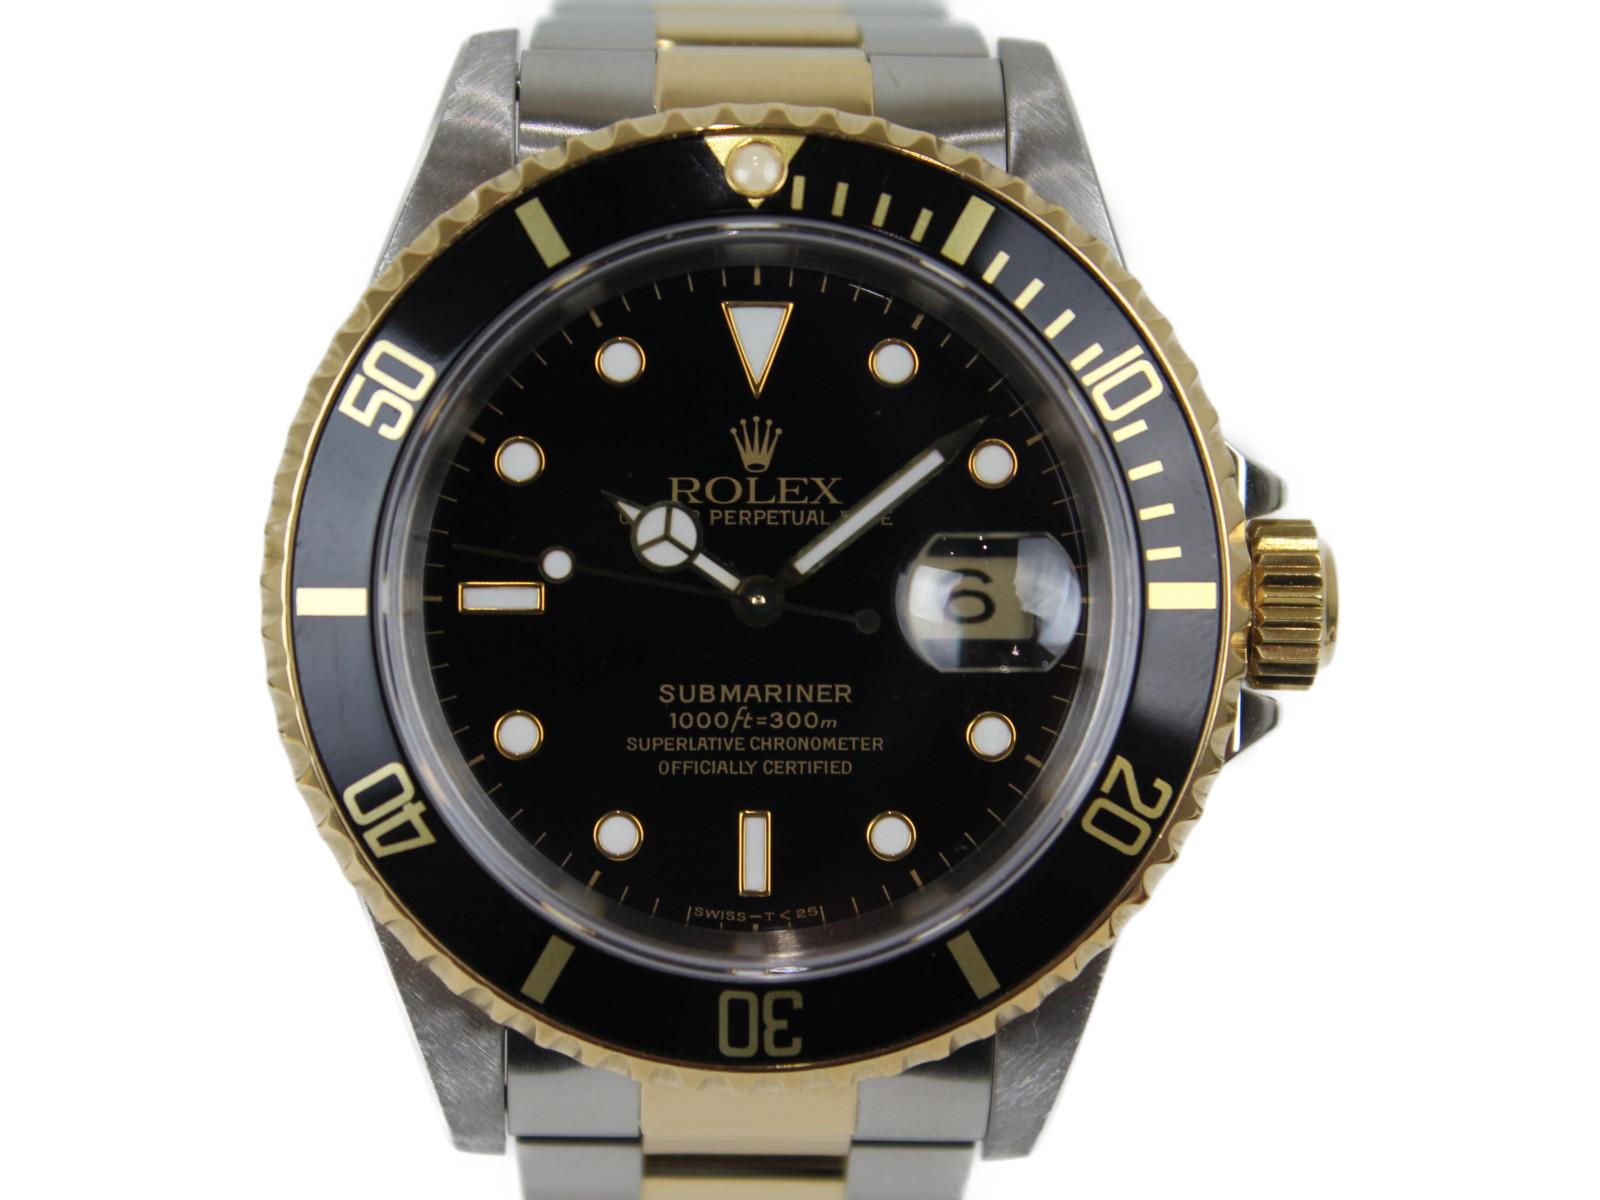 【ギャラあり】 ROLEX サブマリーナデイト 16613 X番 SS×YG ステンレススチール×イエローゴールド 自動巻き 腕時計 メンズ レディース ユニセックス【中古】